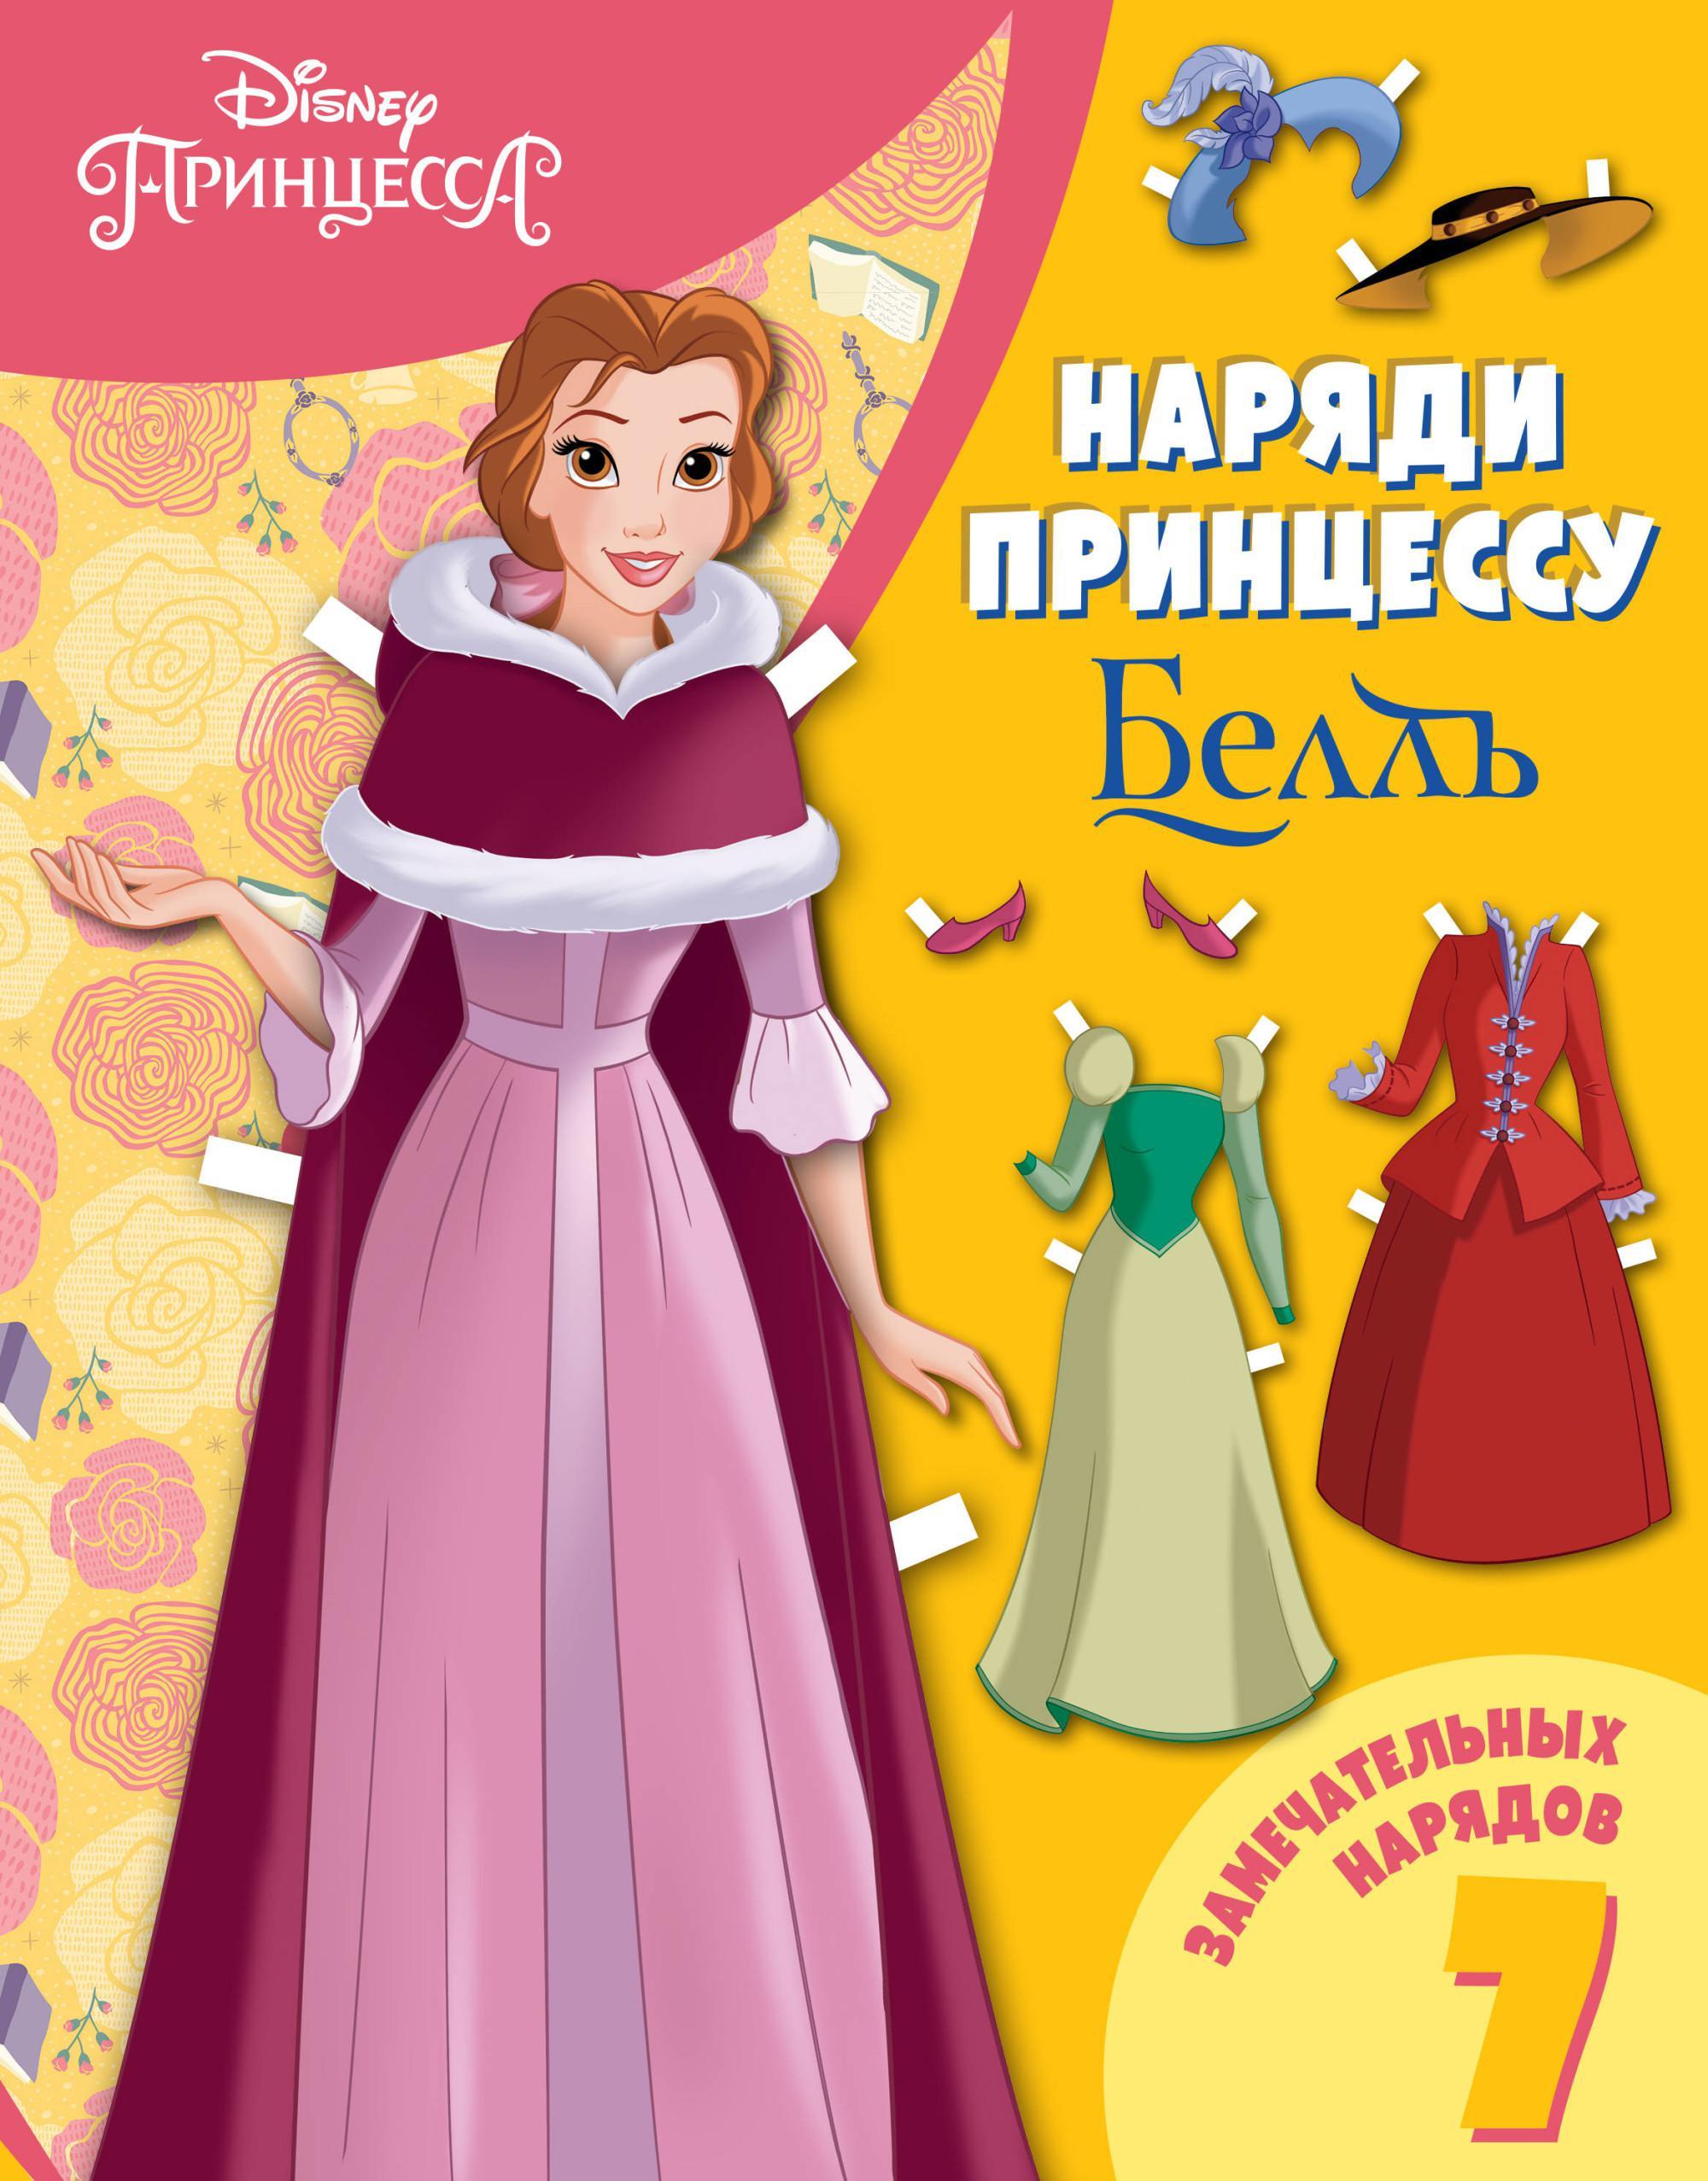 Белль. Бумажная кукла с нарядами